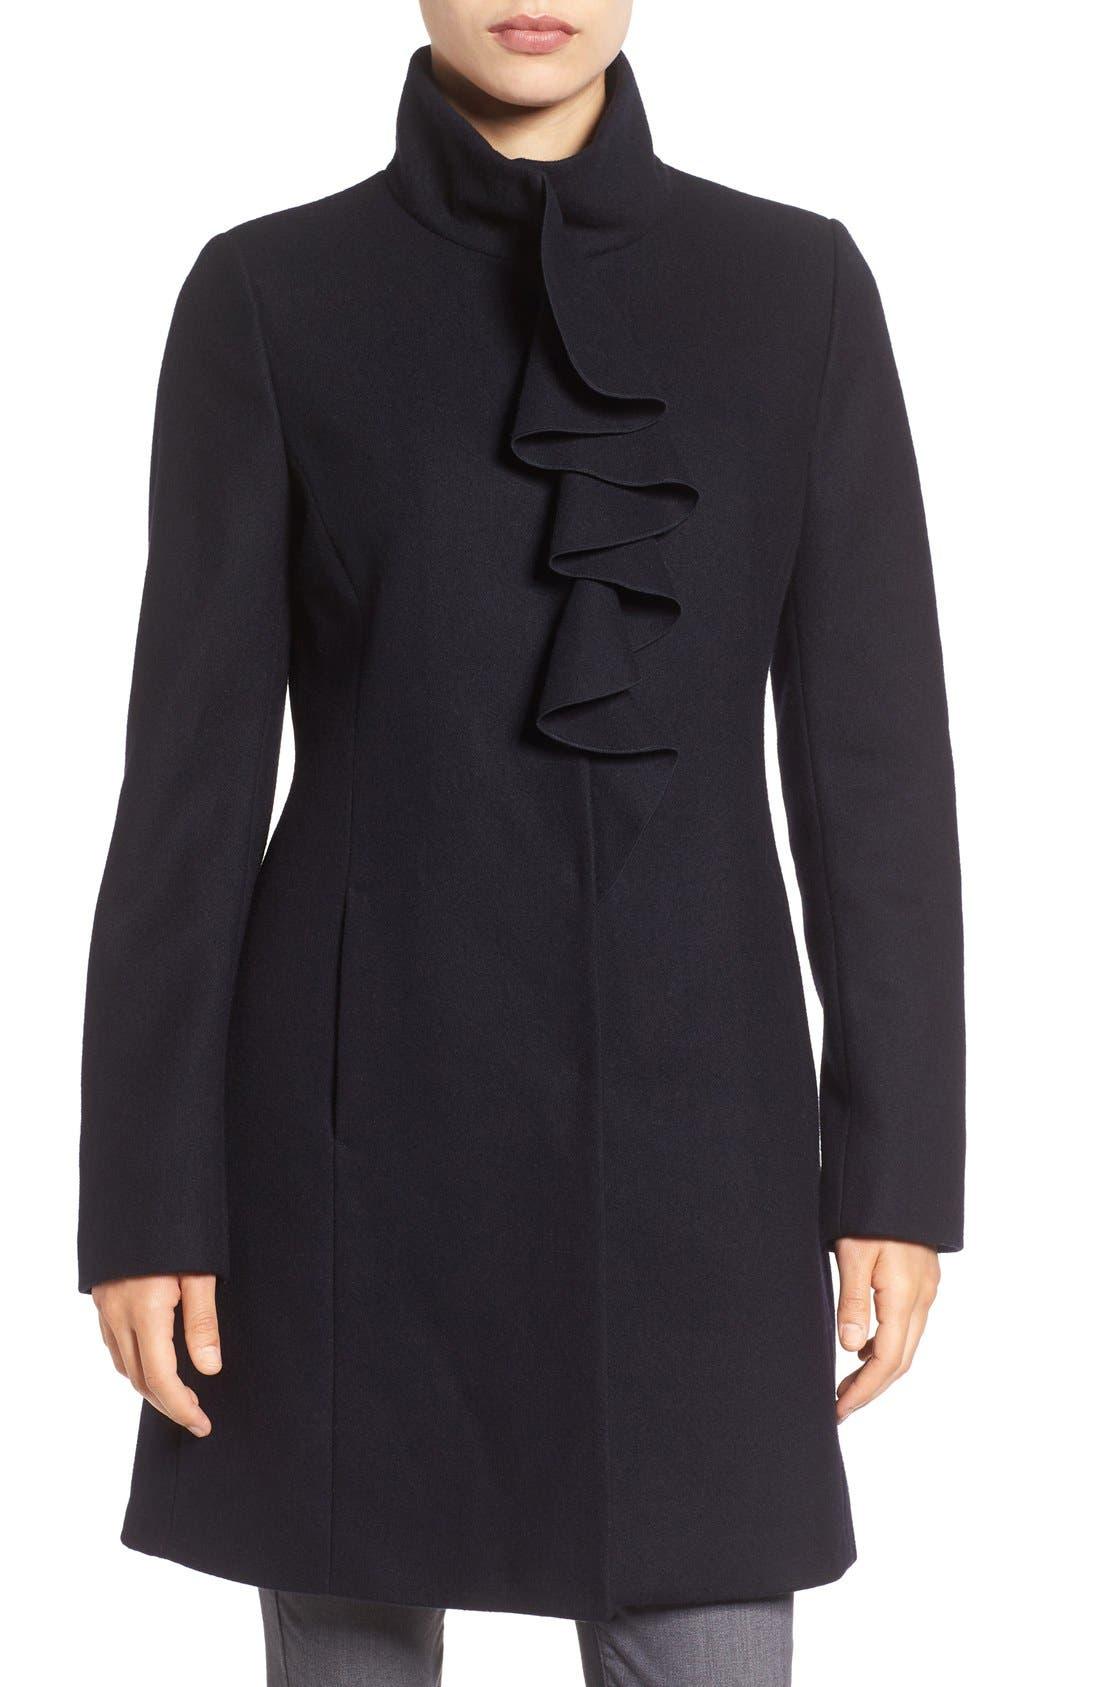 Alternate Image 1 Selected - Tahari Kate Ruffle Wool Blend Coat